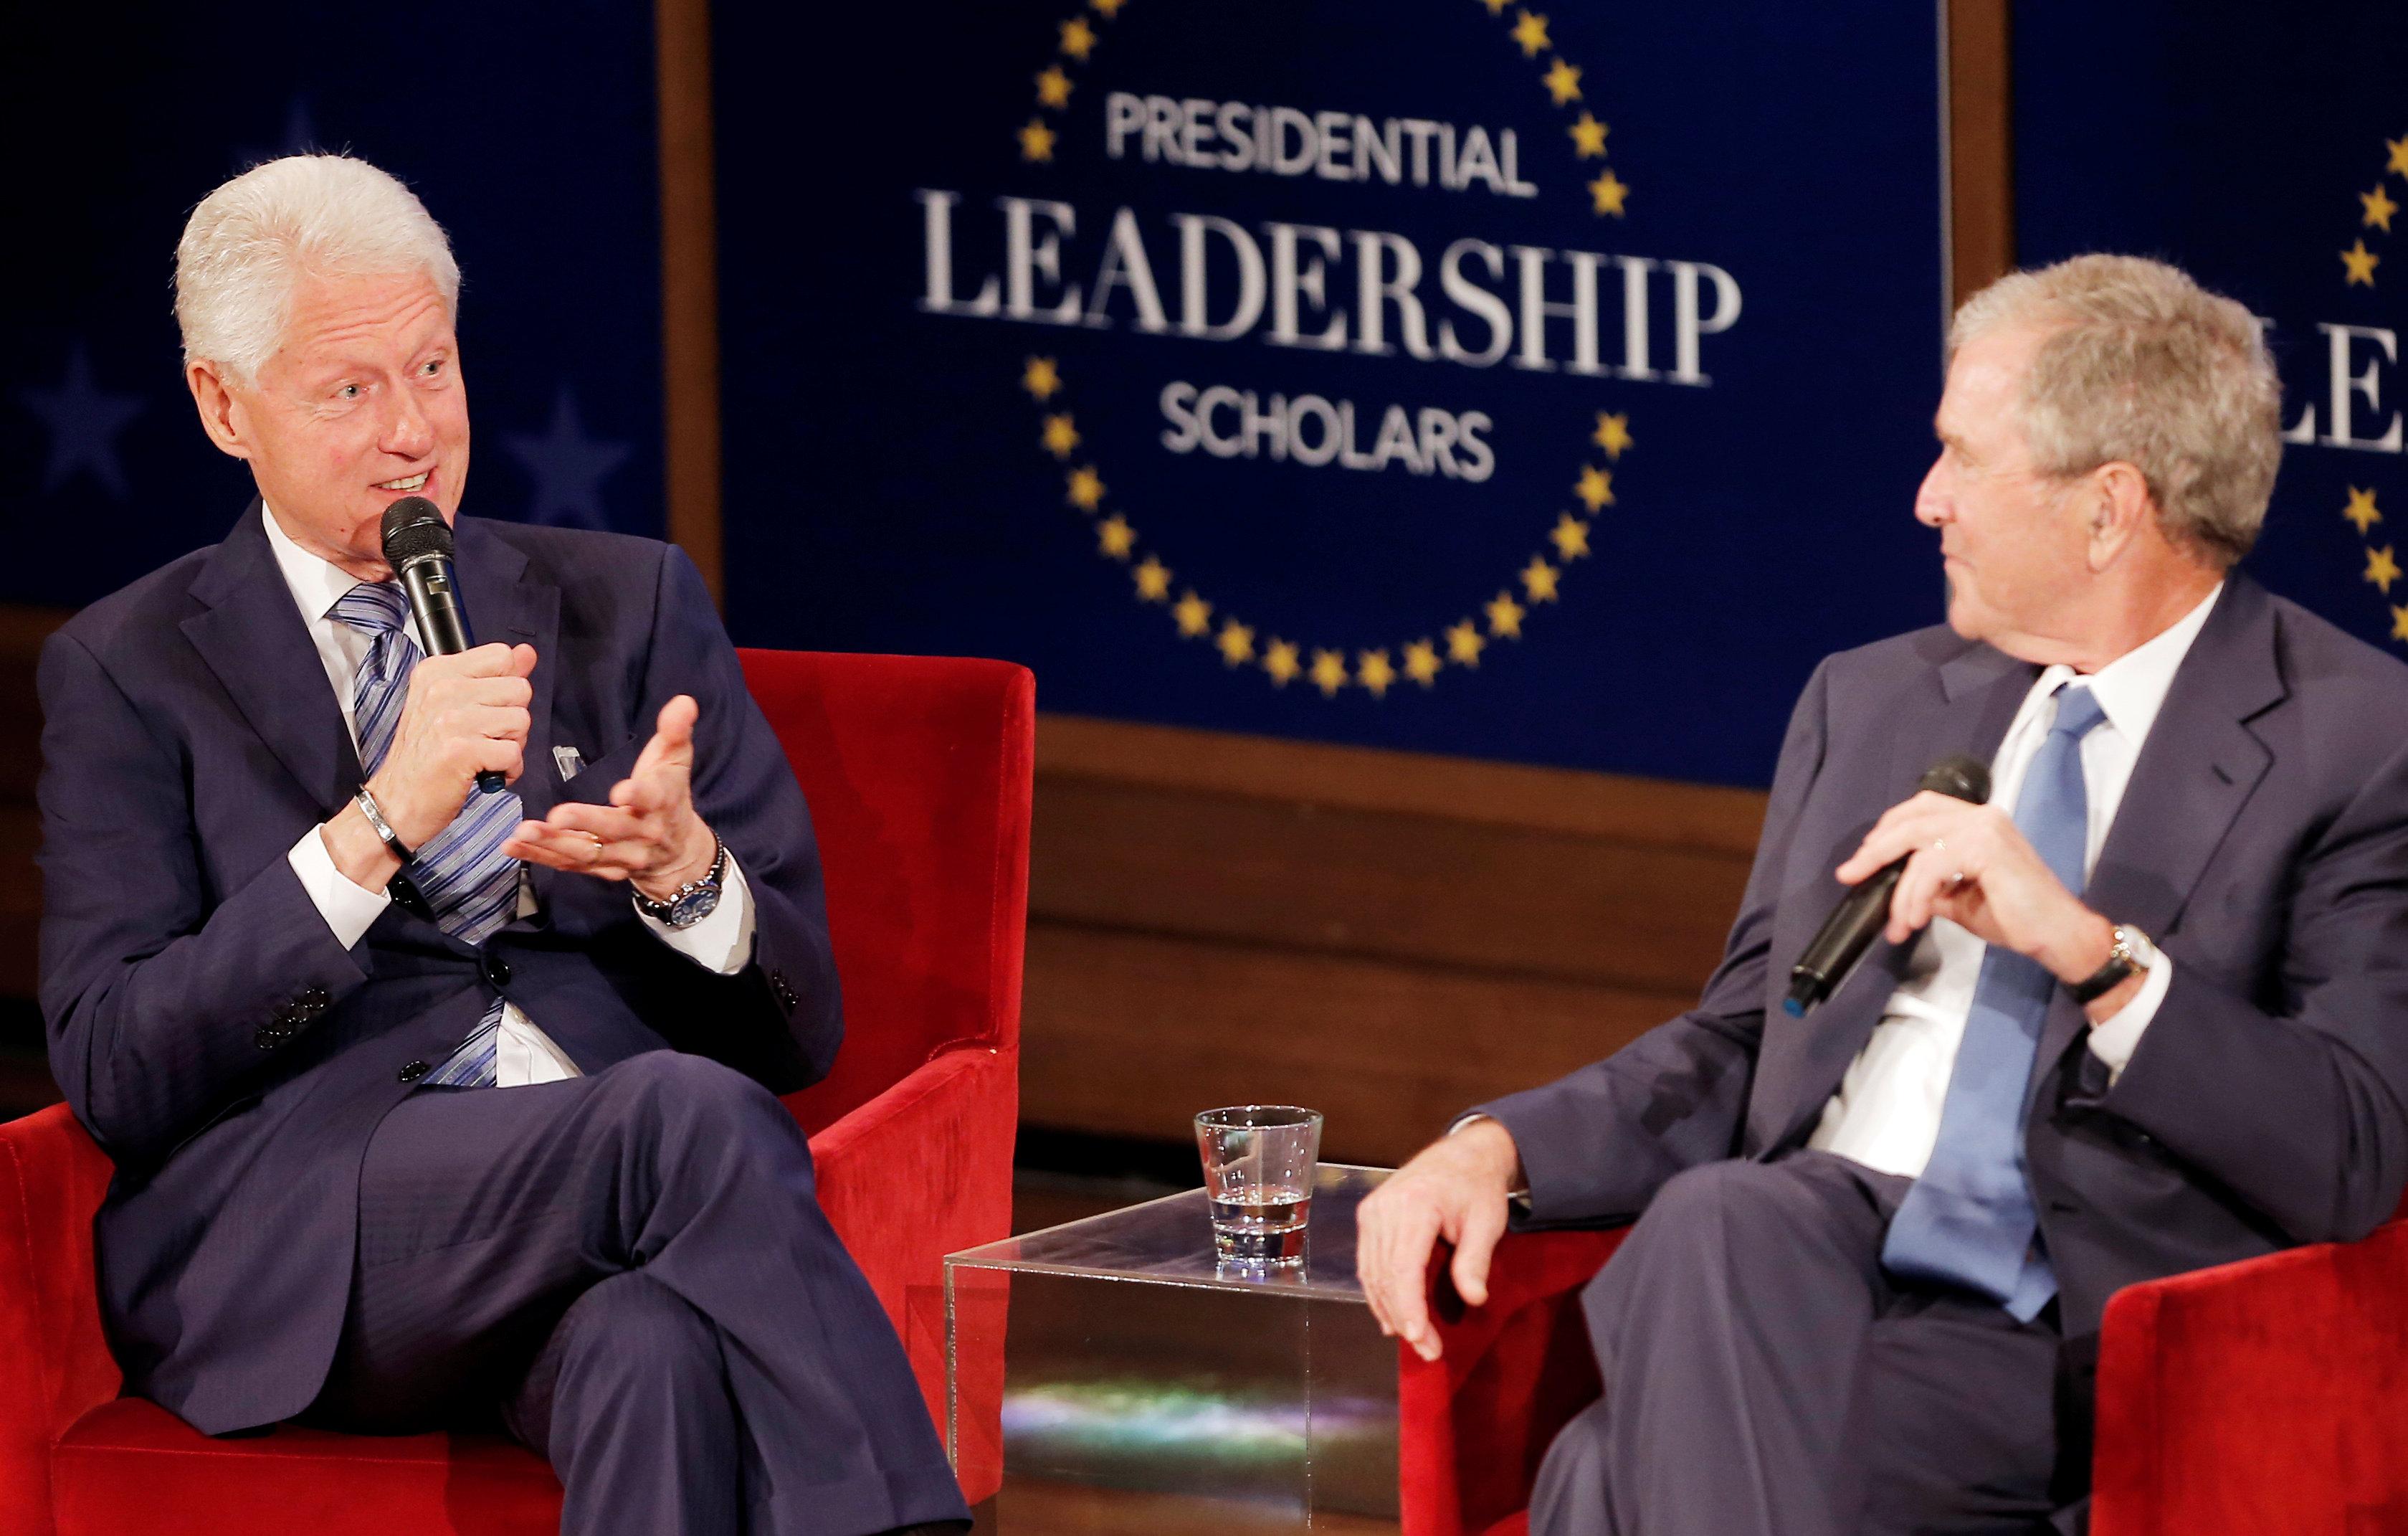 الرئيسان الأمريكيان السابقان جورج دبليو. بوش وبيل كلينتون  فى دالاس